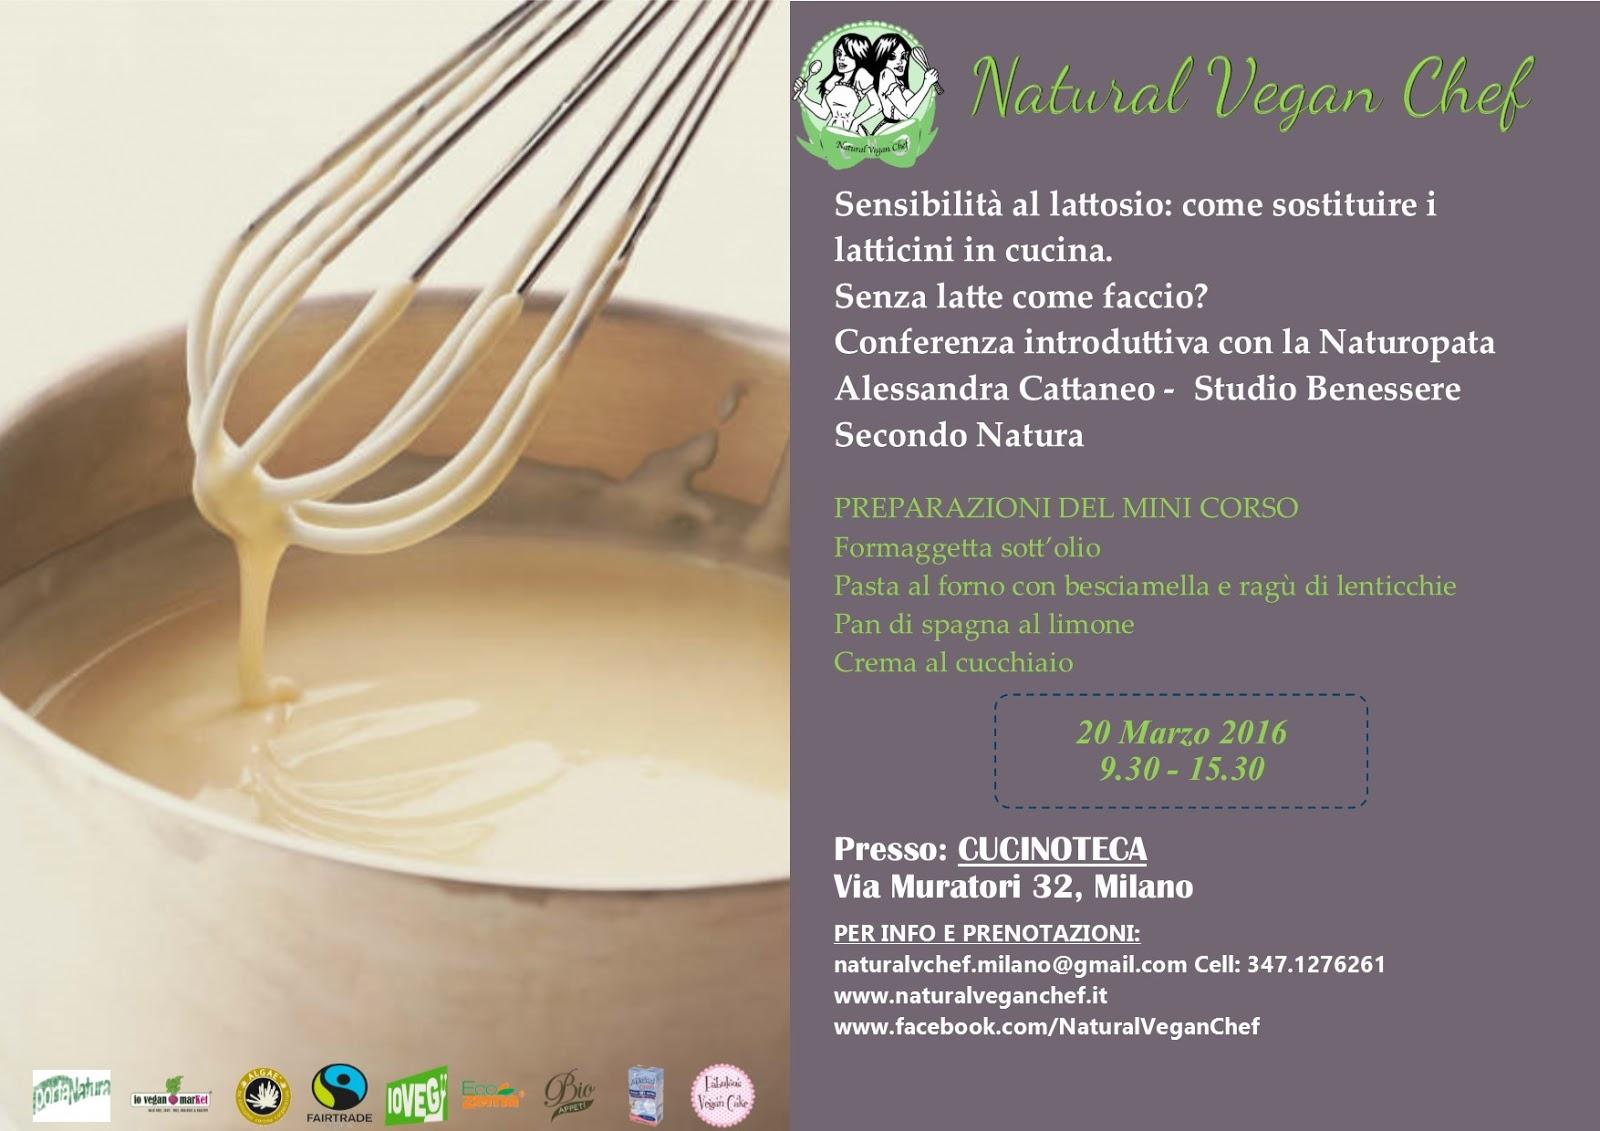 milano 1 marzo in cascina cuccagna per labc della cucina naturale